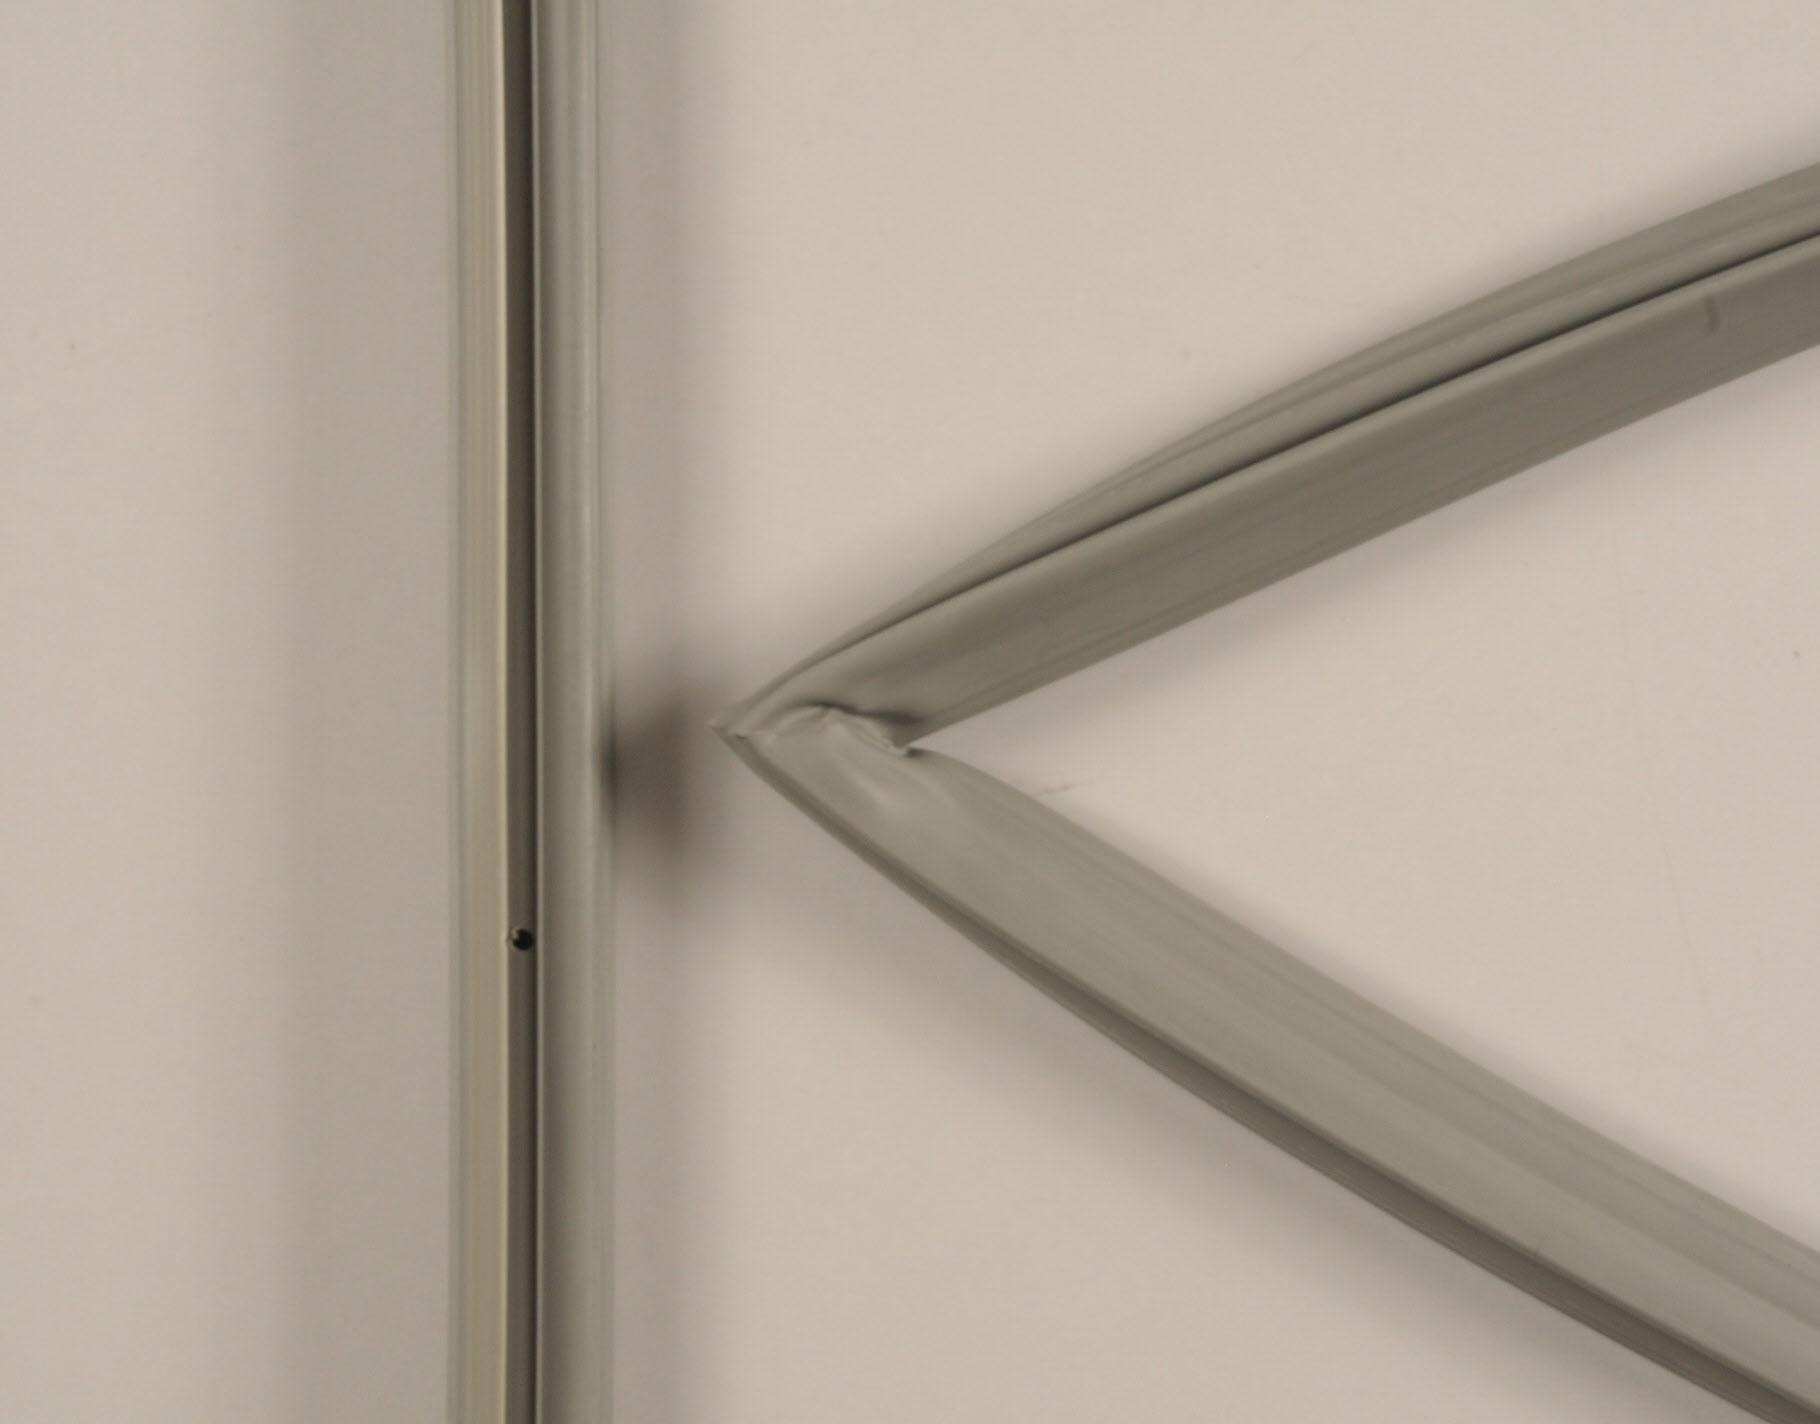 Whirlpool Refrigerator Part # W10407212 - Door Gasket